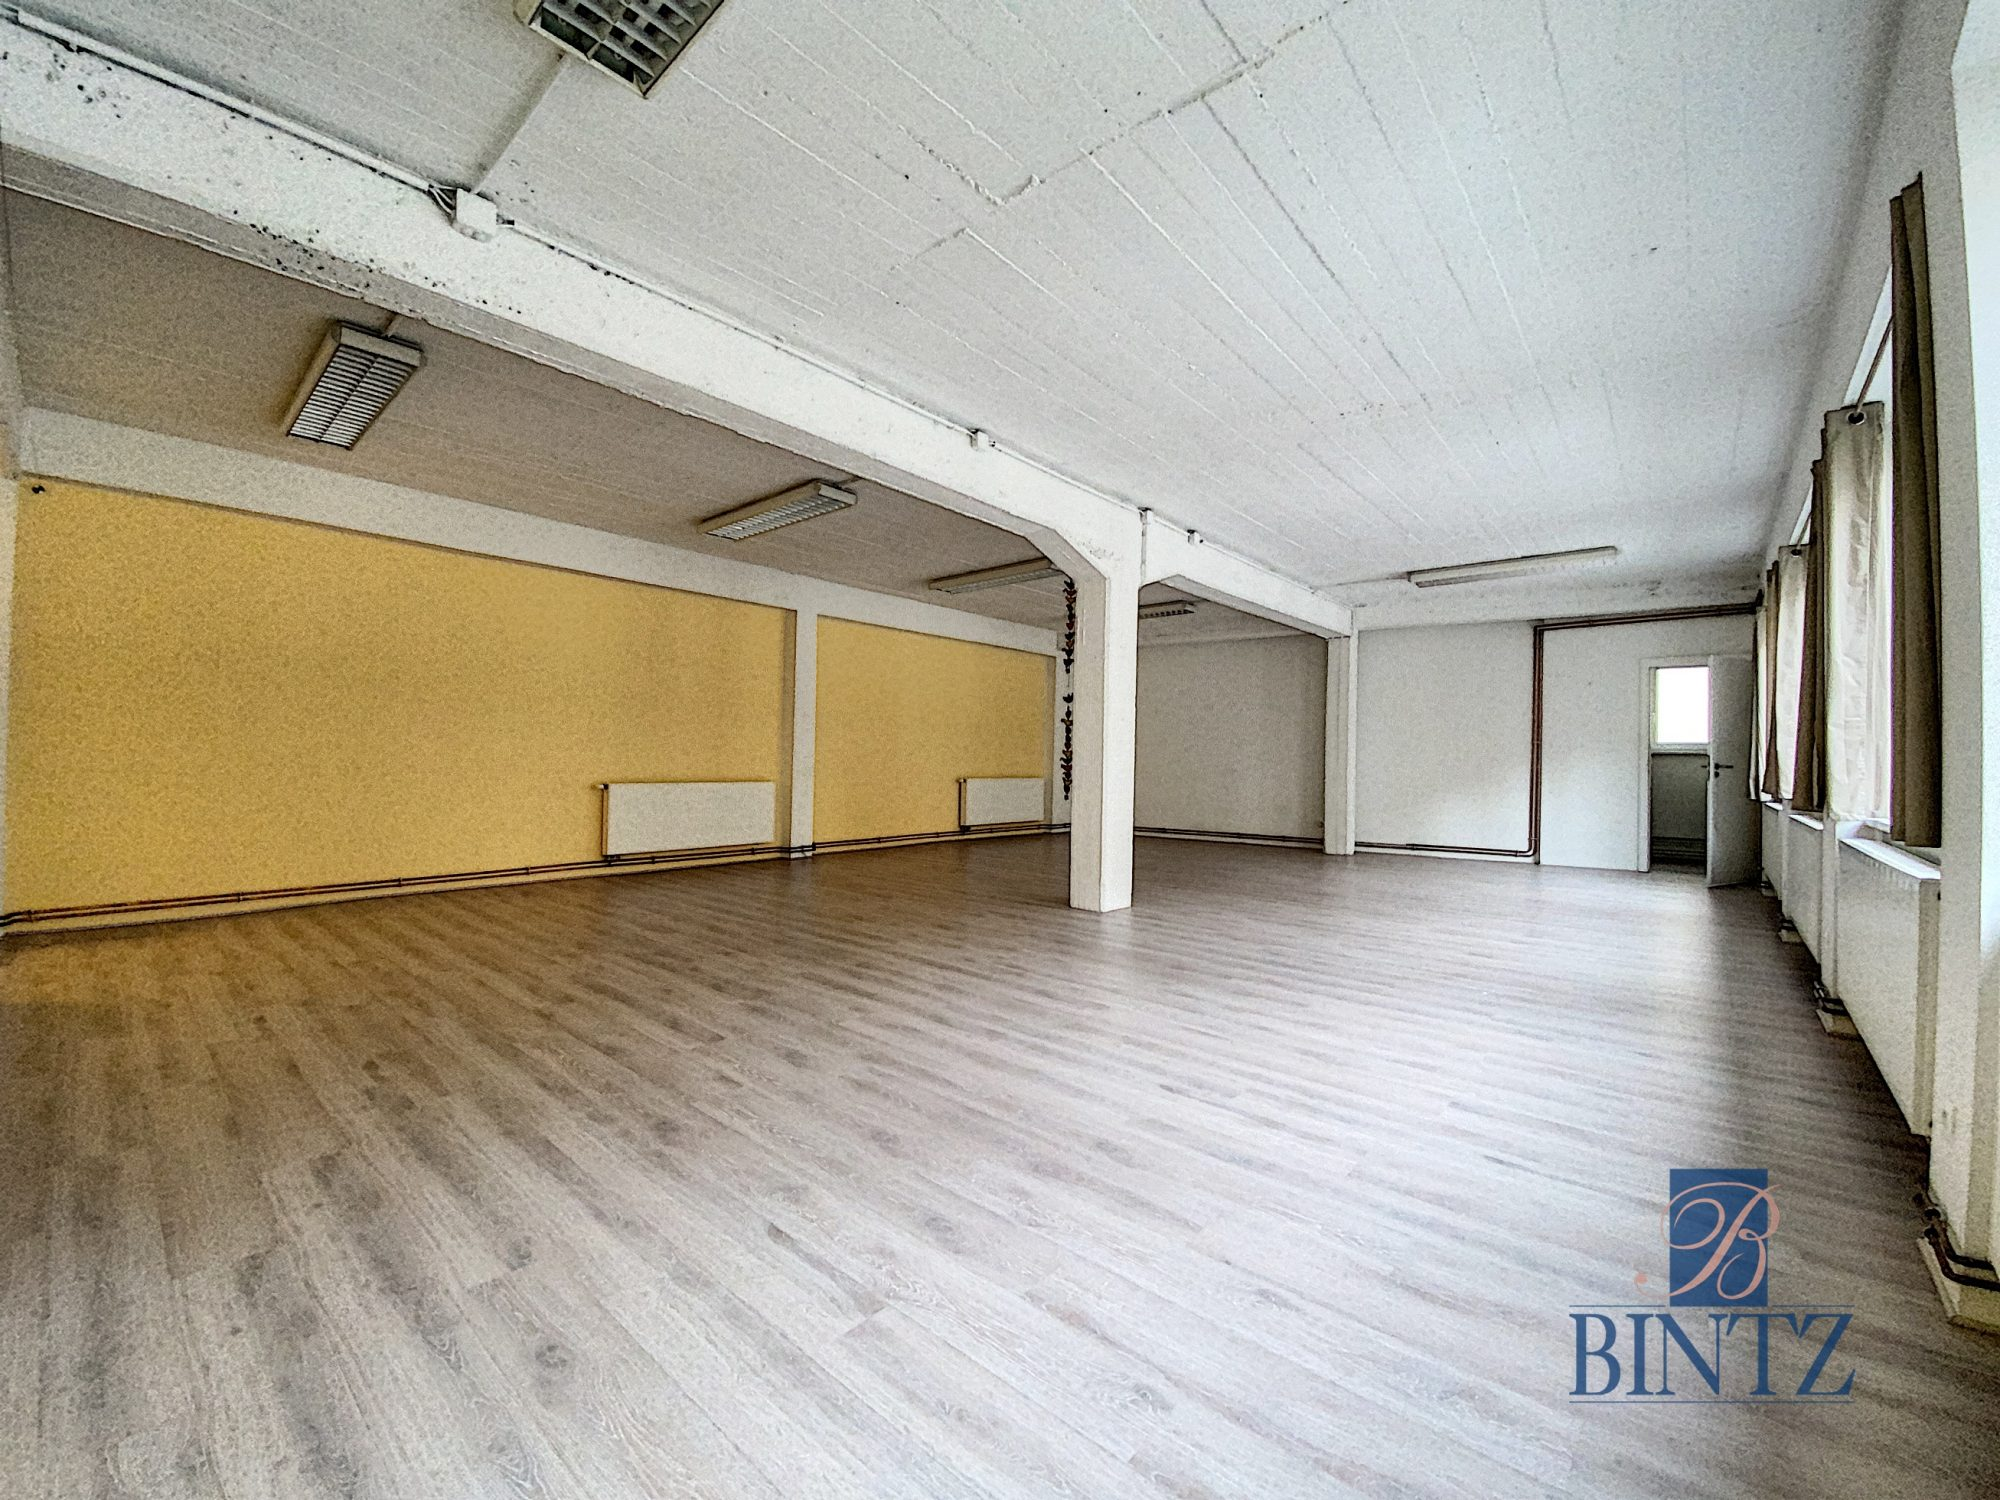 Plateau commercial à Louer Centre-ville - Devenez locataire en toute sérénité - Bintz Immobilier - 6